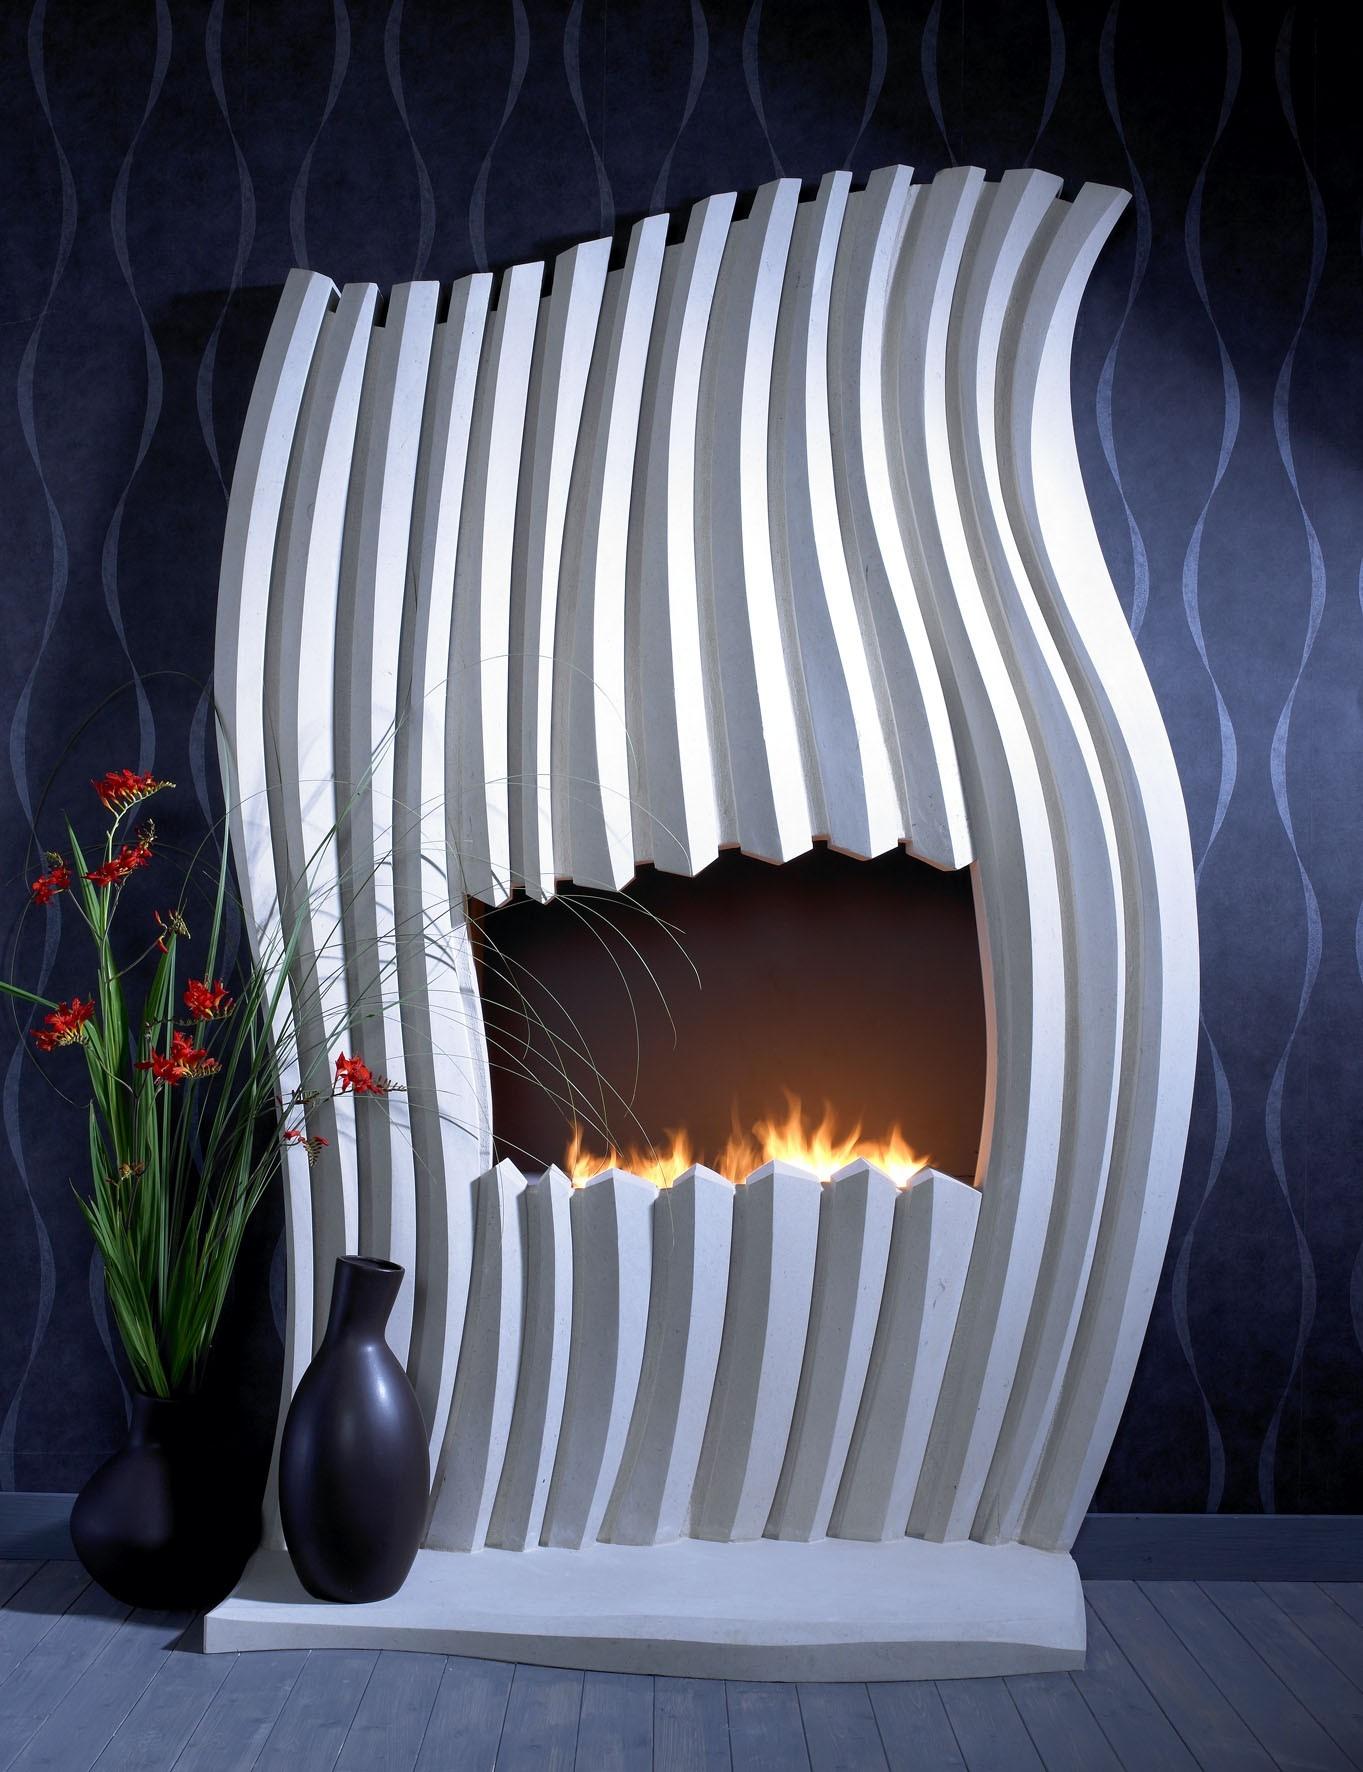 26. Carved sculptural Portland stone fireplace – West Midlands